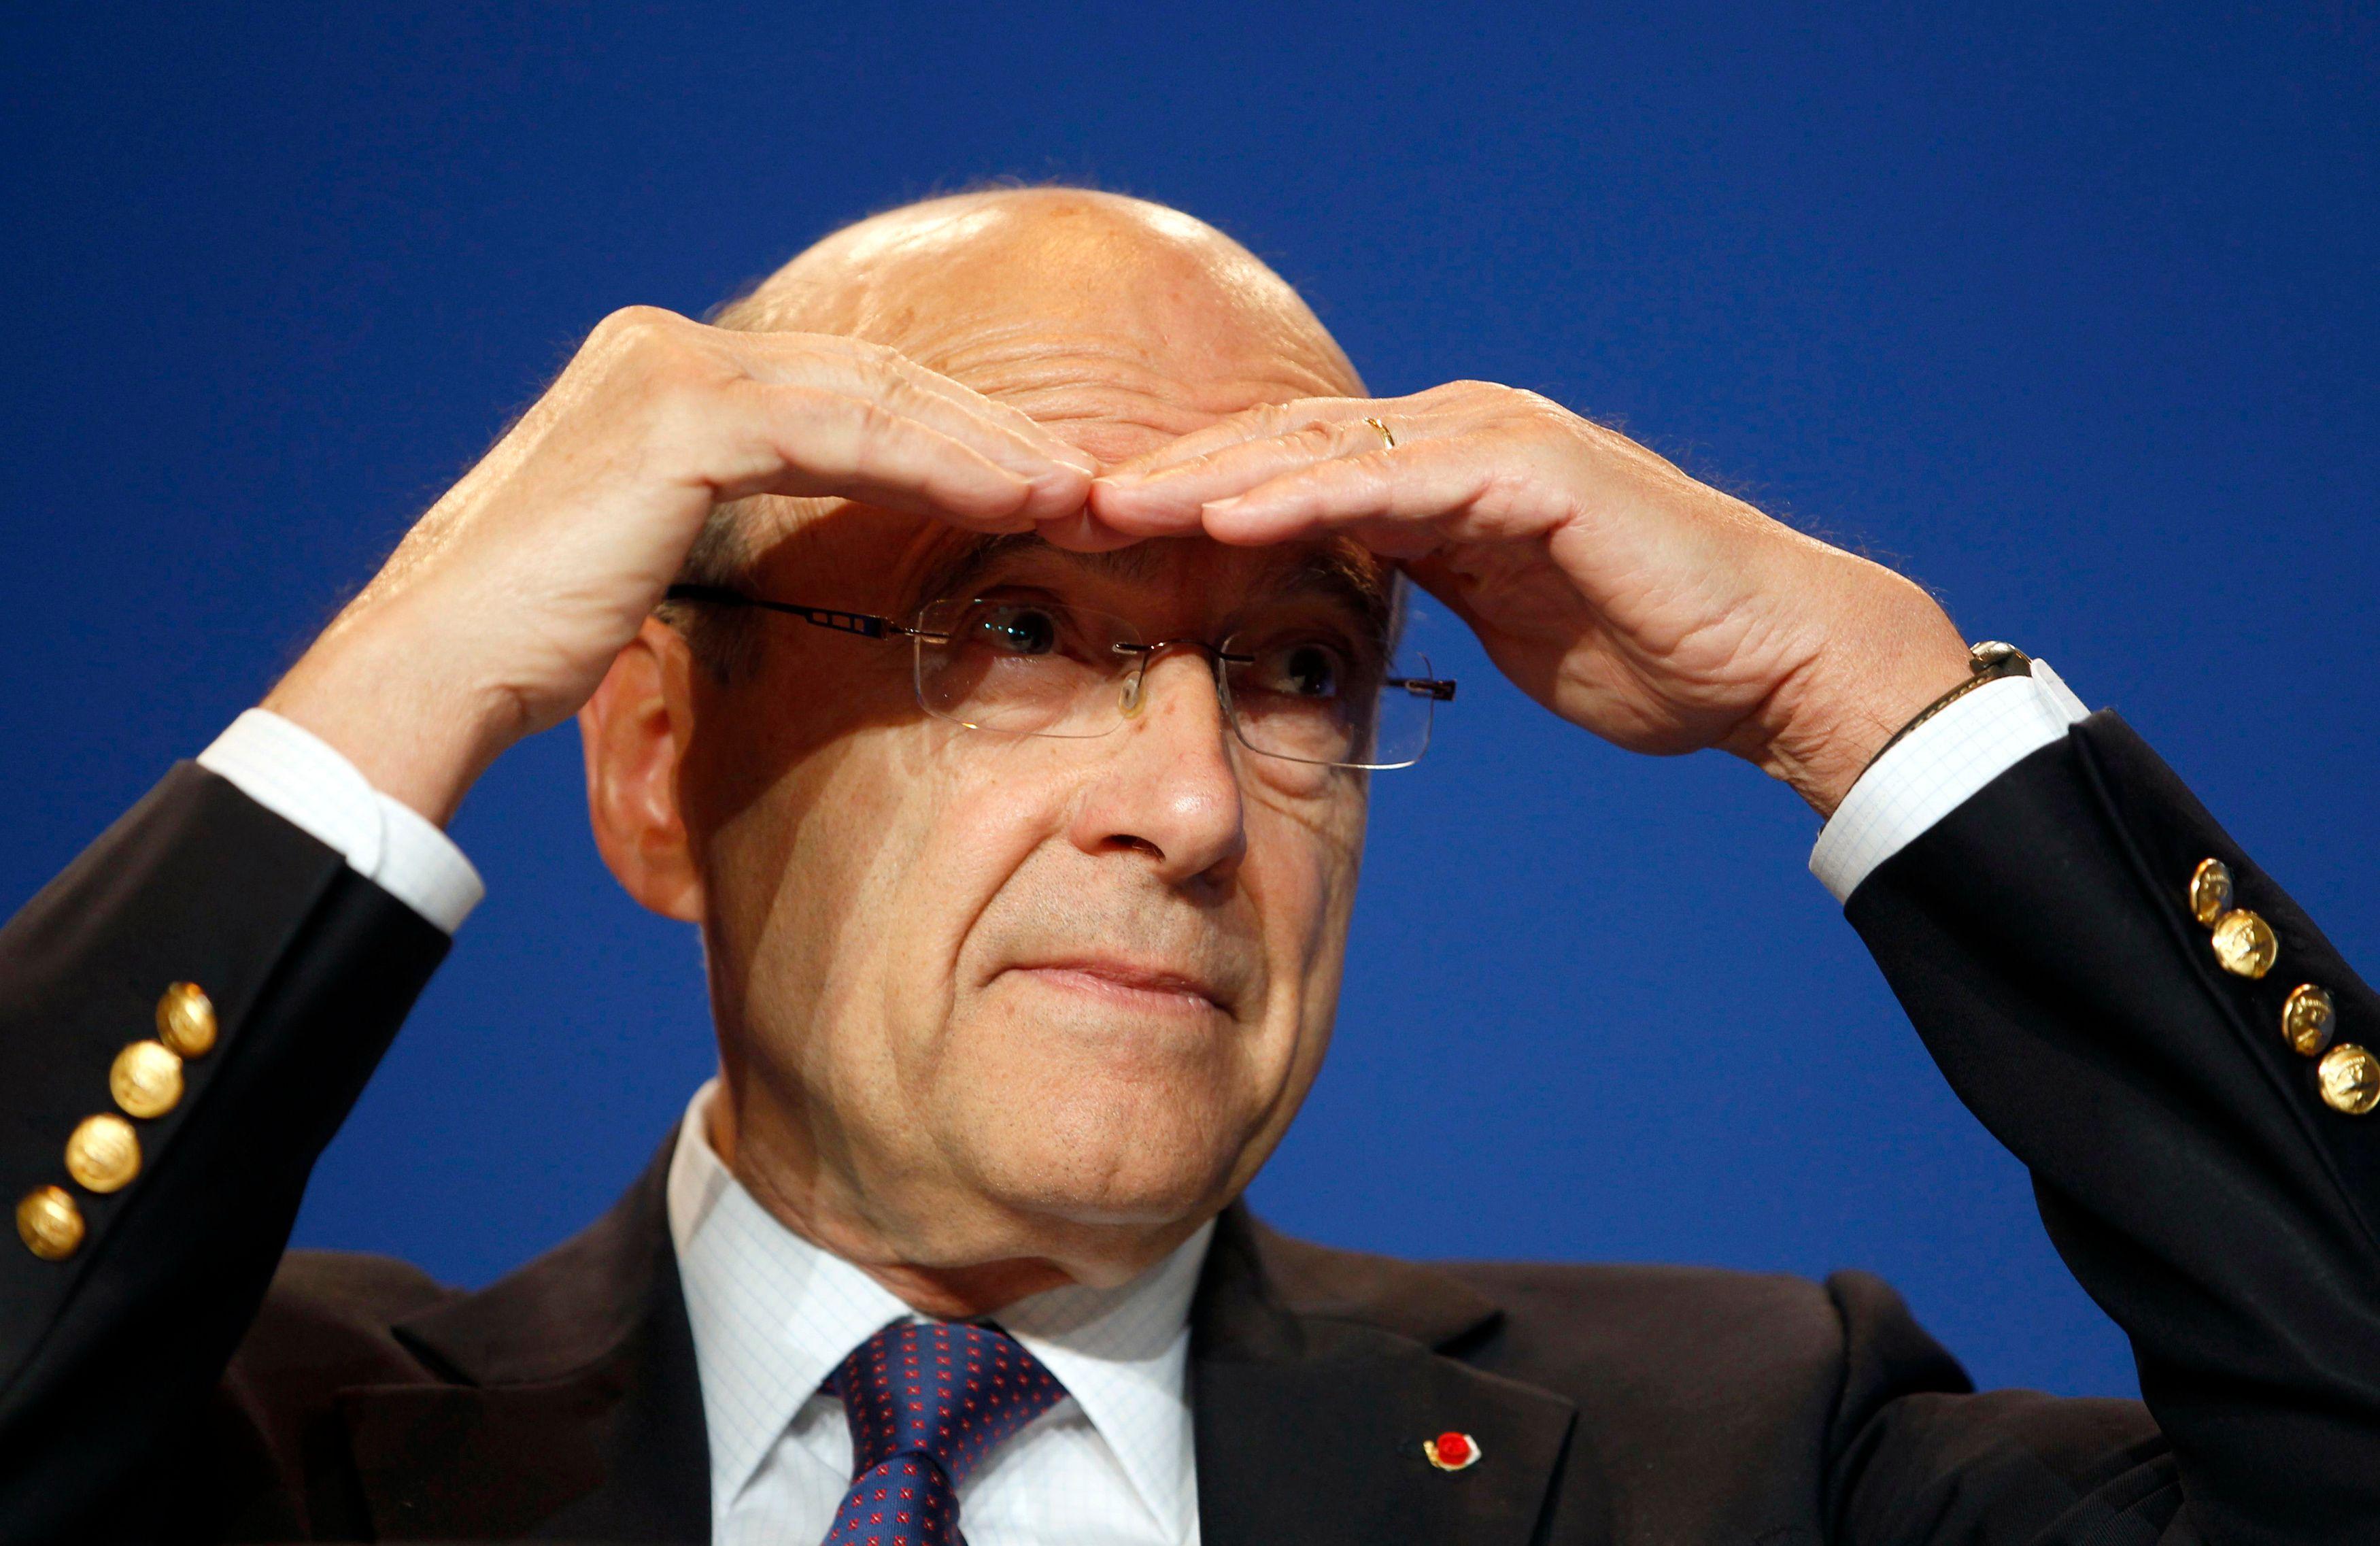 Les limites de la stratégie Juppé face aux roueries sarkozystes